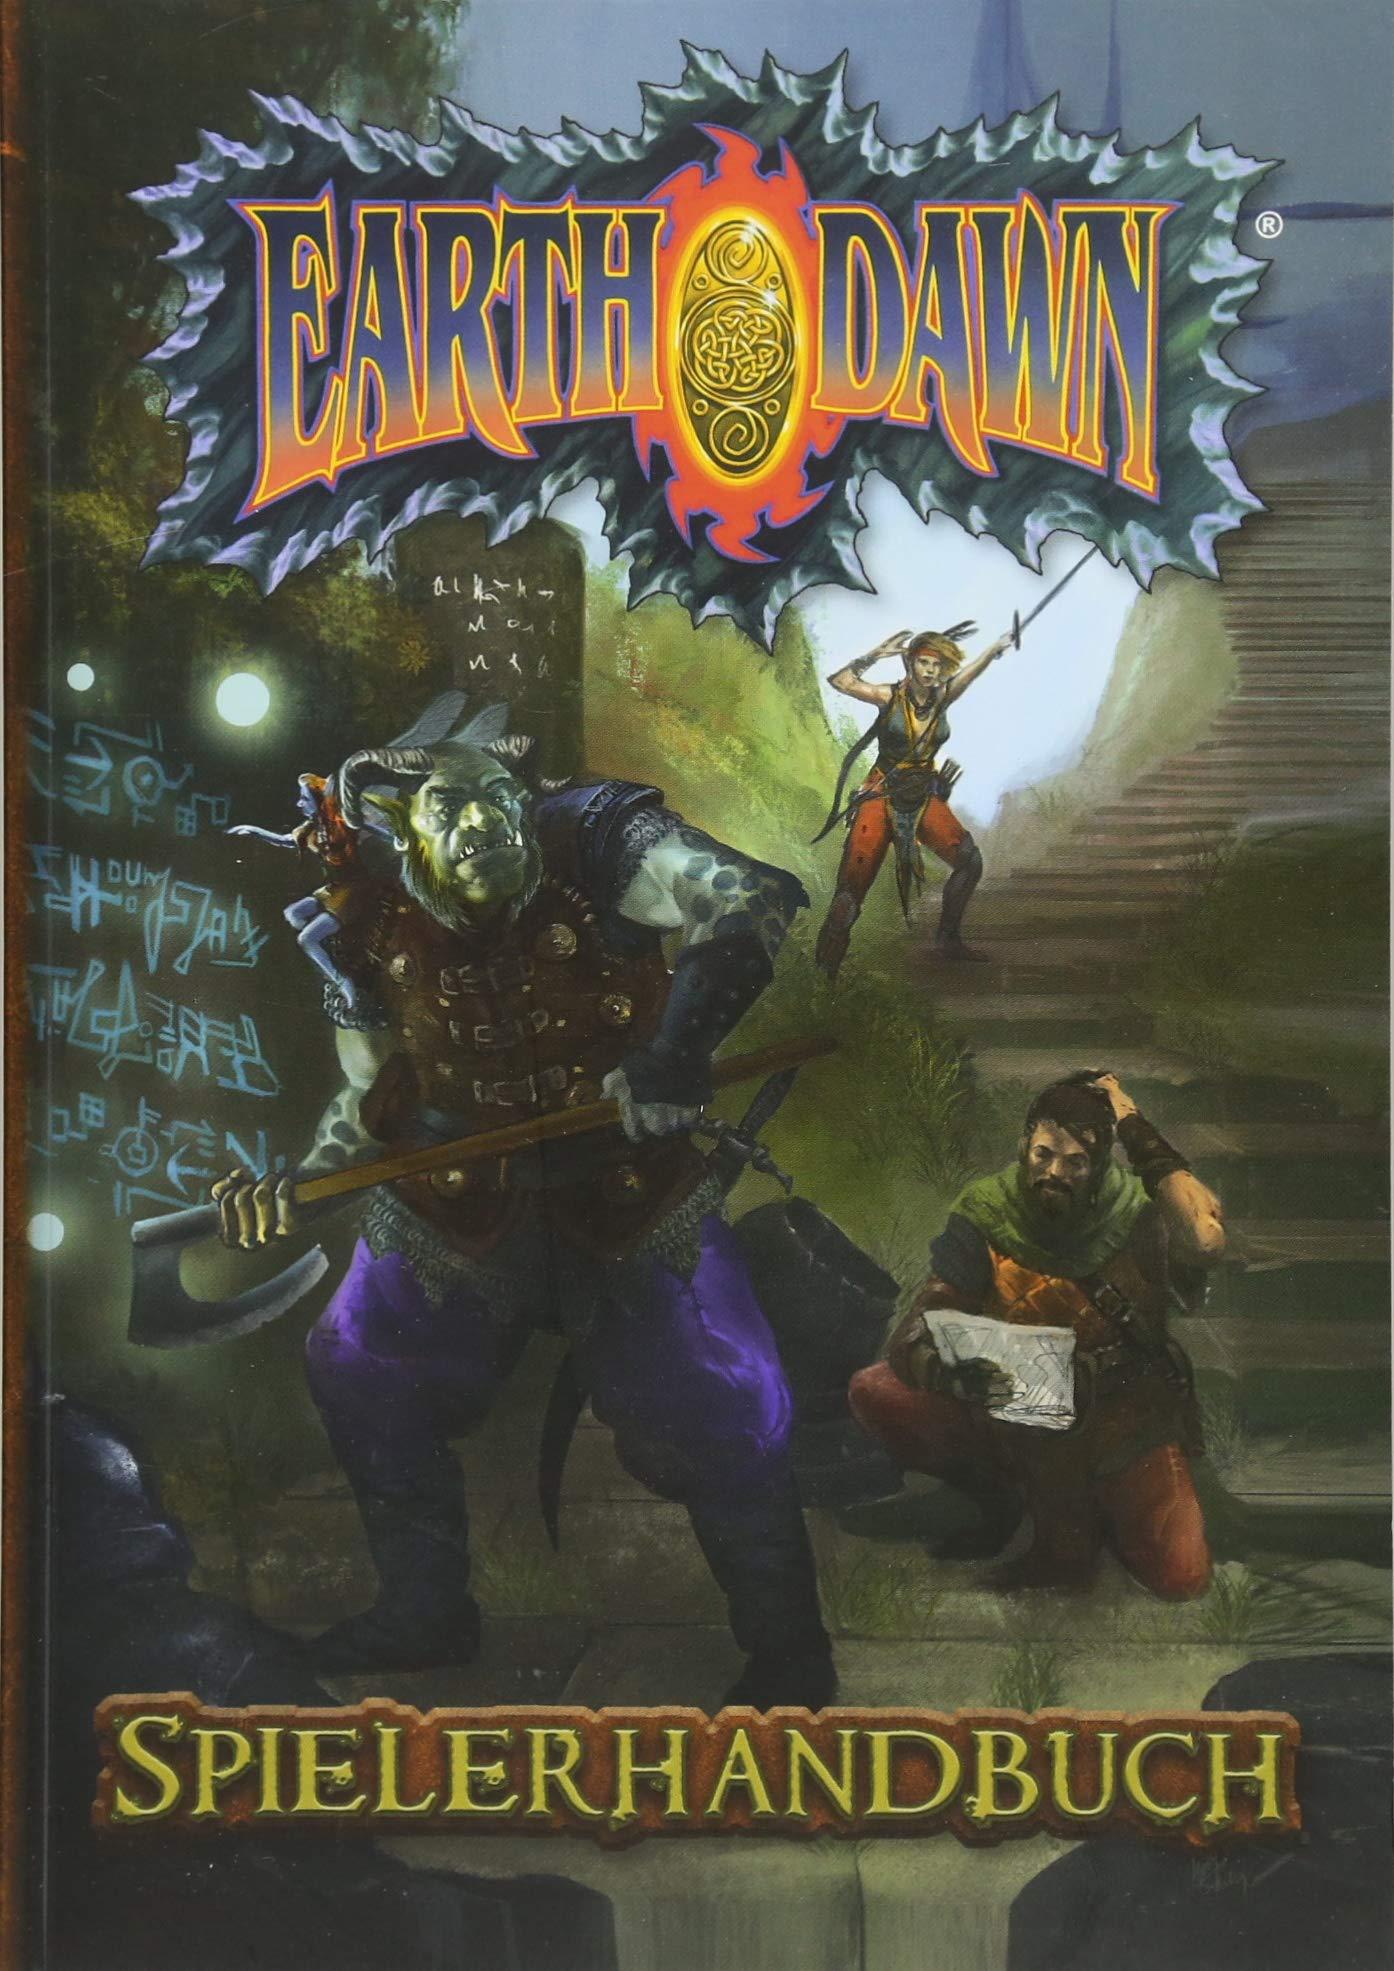 Earthdawn Spielerhandbuch (Taschenbuch) Taschenbuch – 1. März 2018 Benjamin Plaga 3957529018 Spielen / Raten Spiel / Rollenspiel